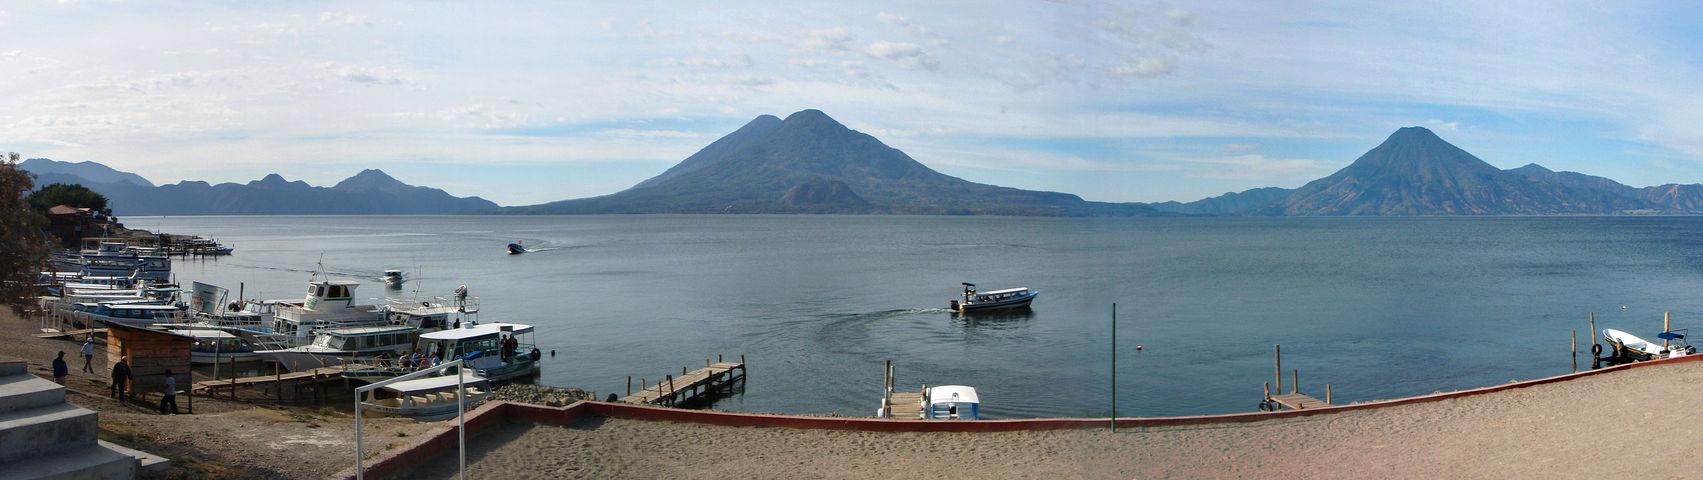 Panajachel y Lago de Atitlán en Guatemala